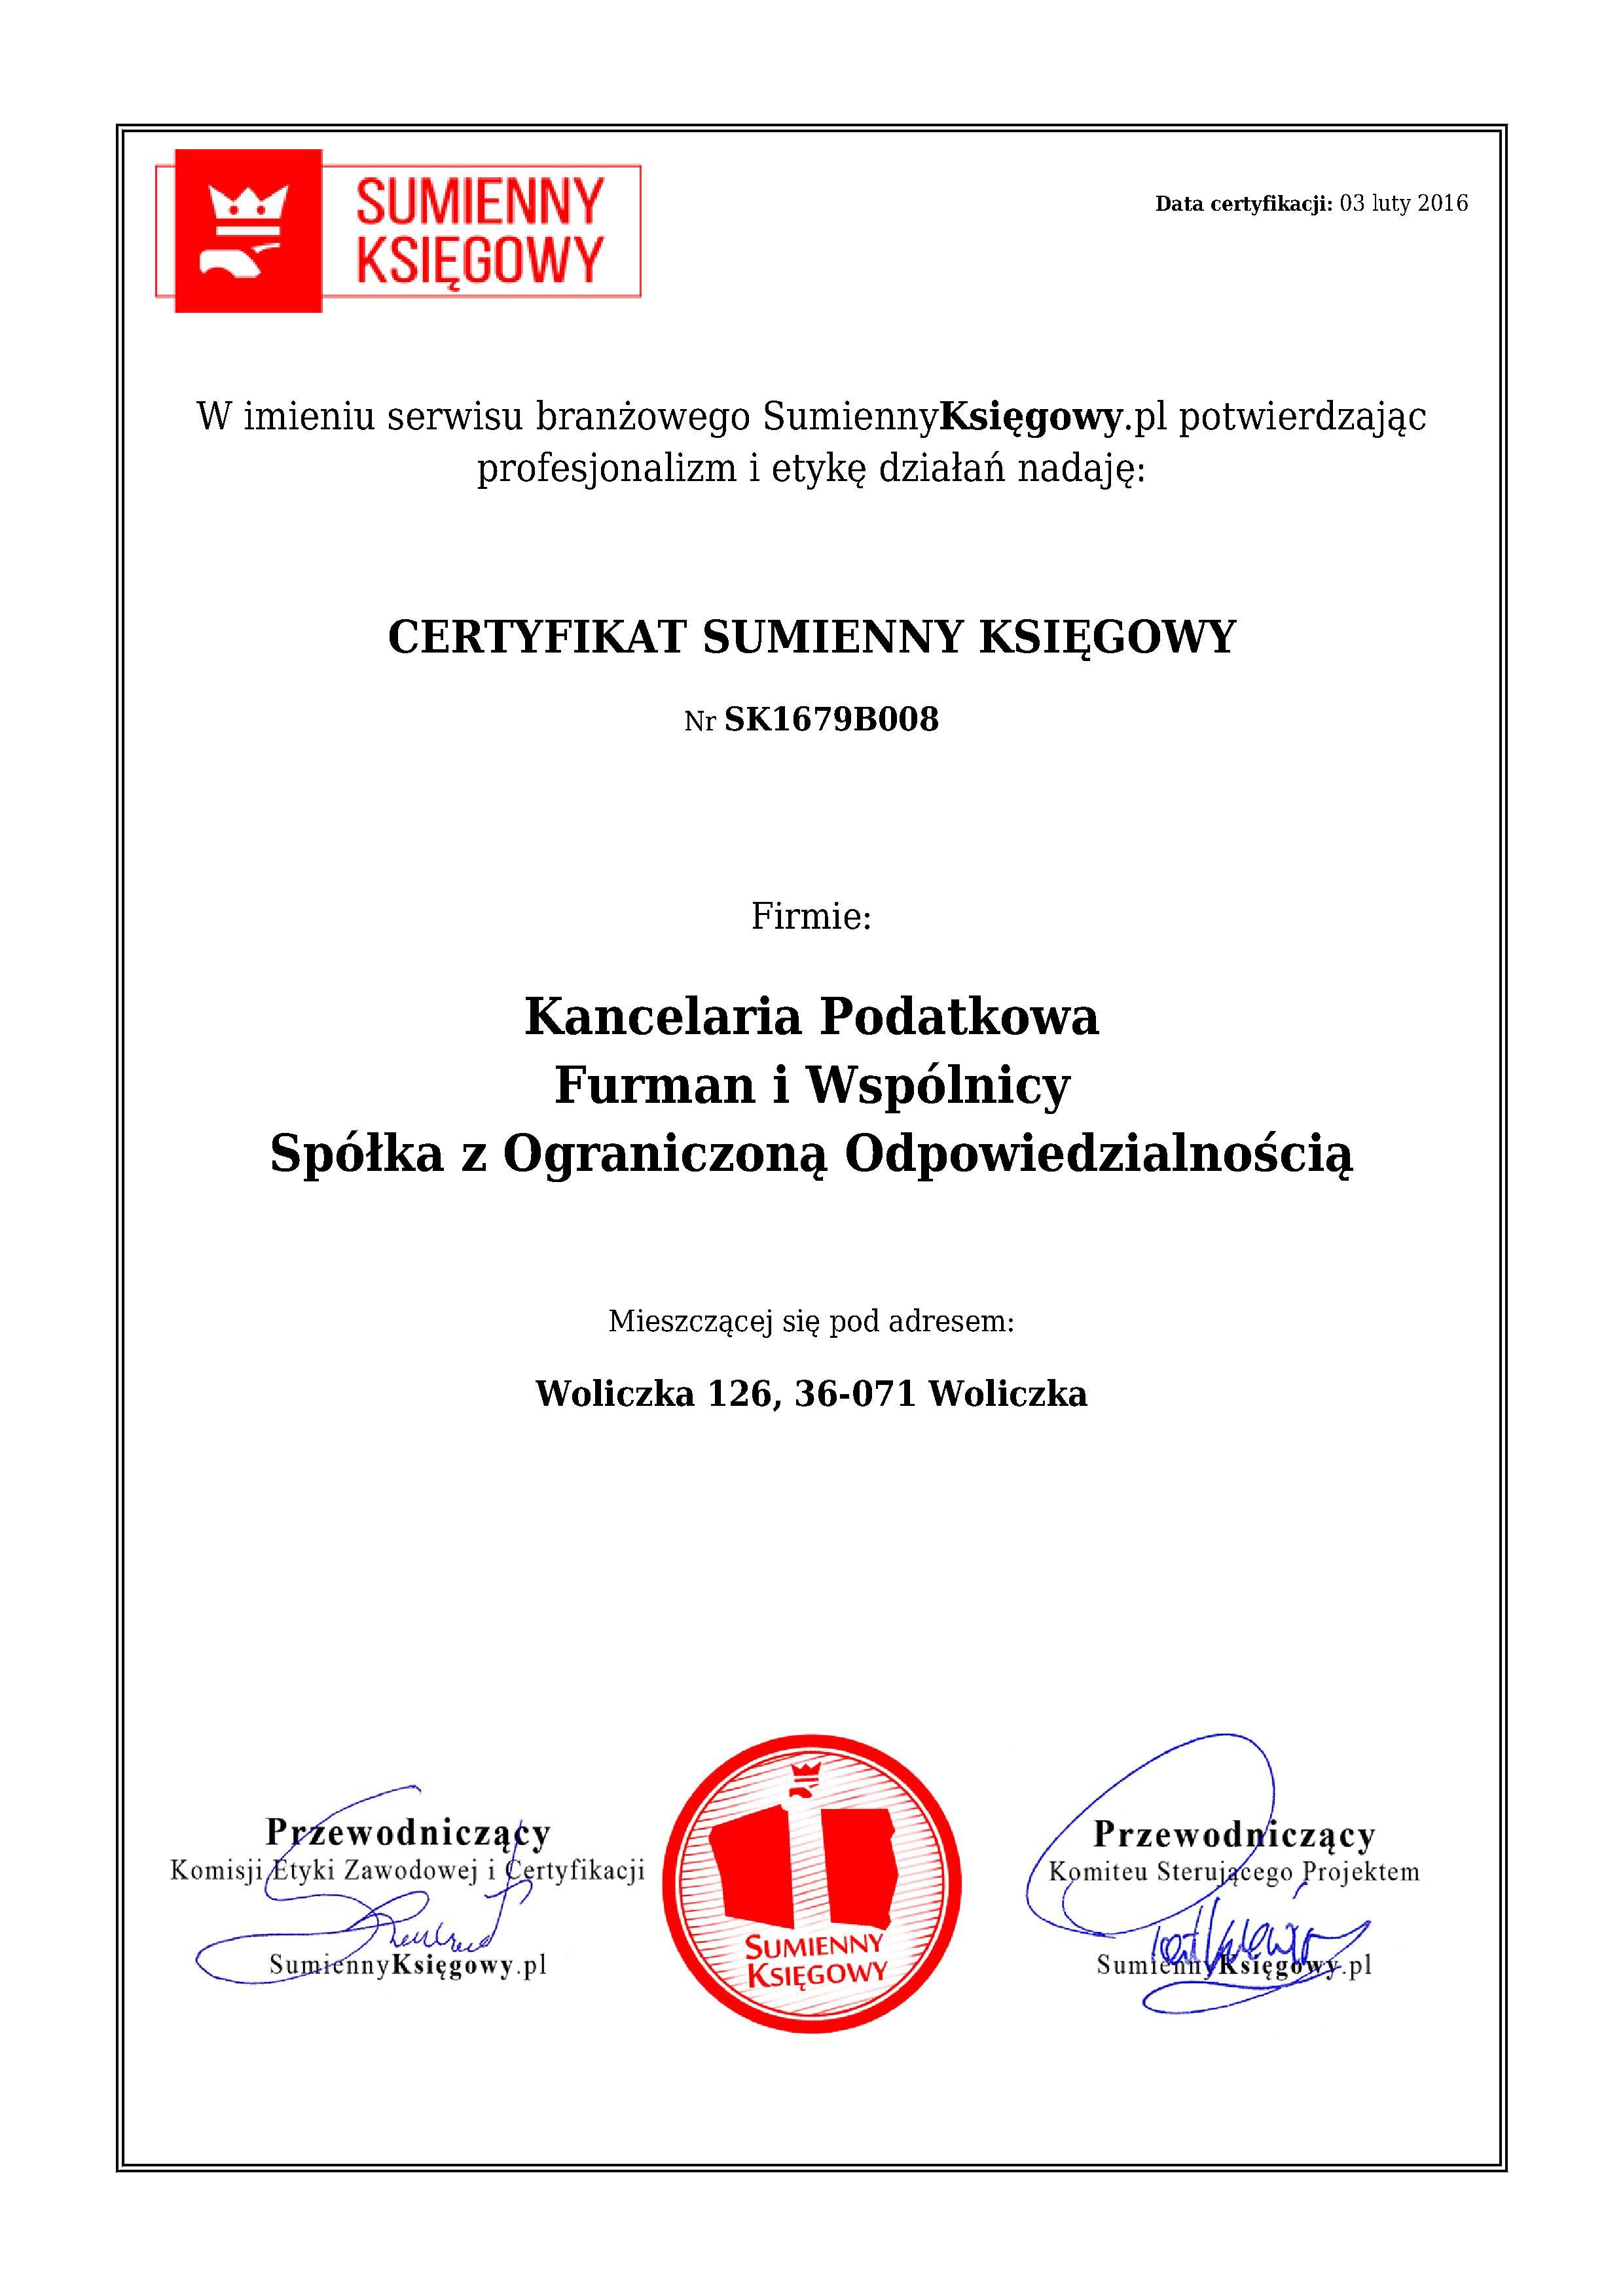 Certyfikat Kancelaria Podatkowa Furman i Wspólnicy Spółka z Ograniczoną Odpowiedzialnością